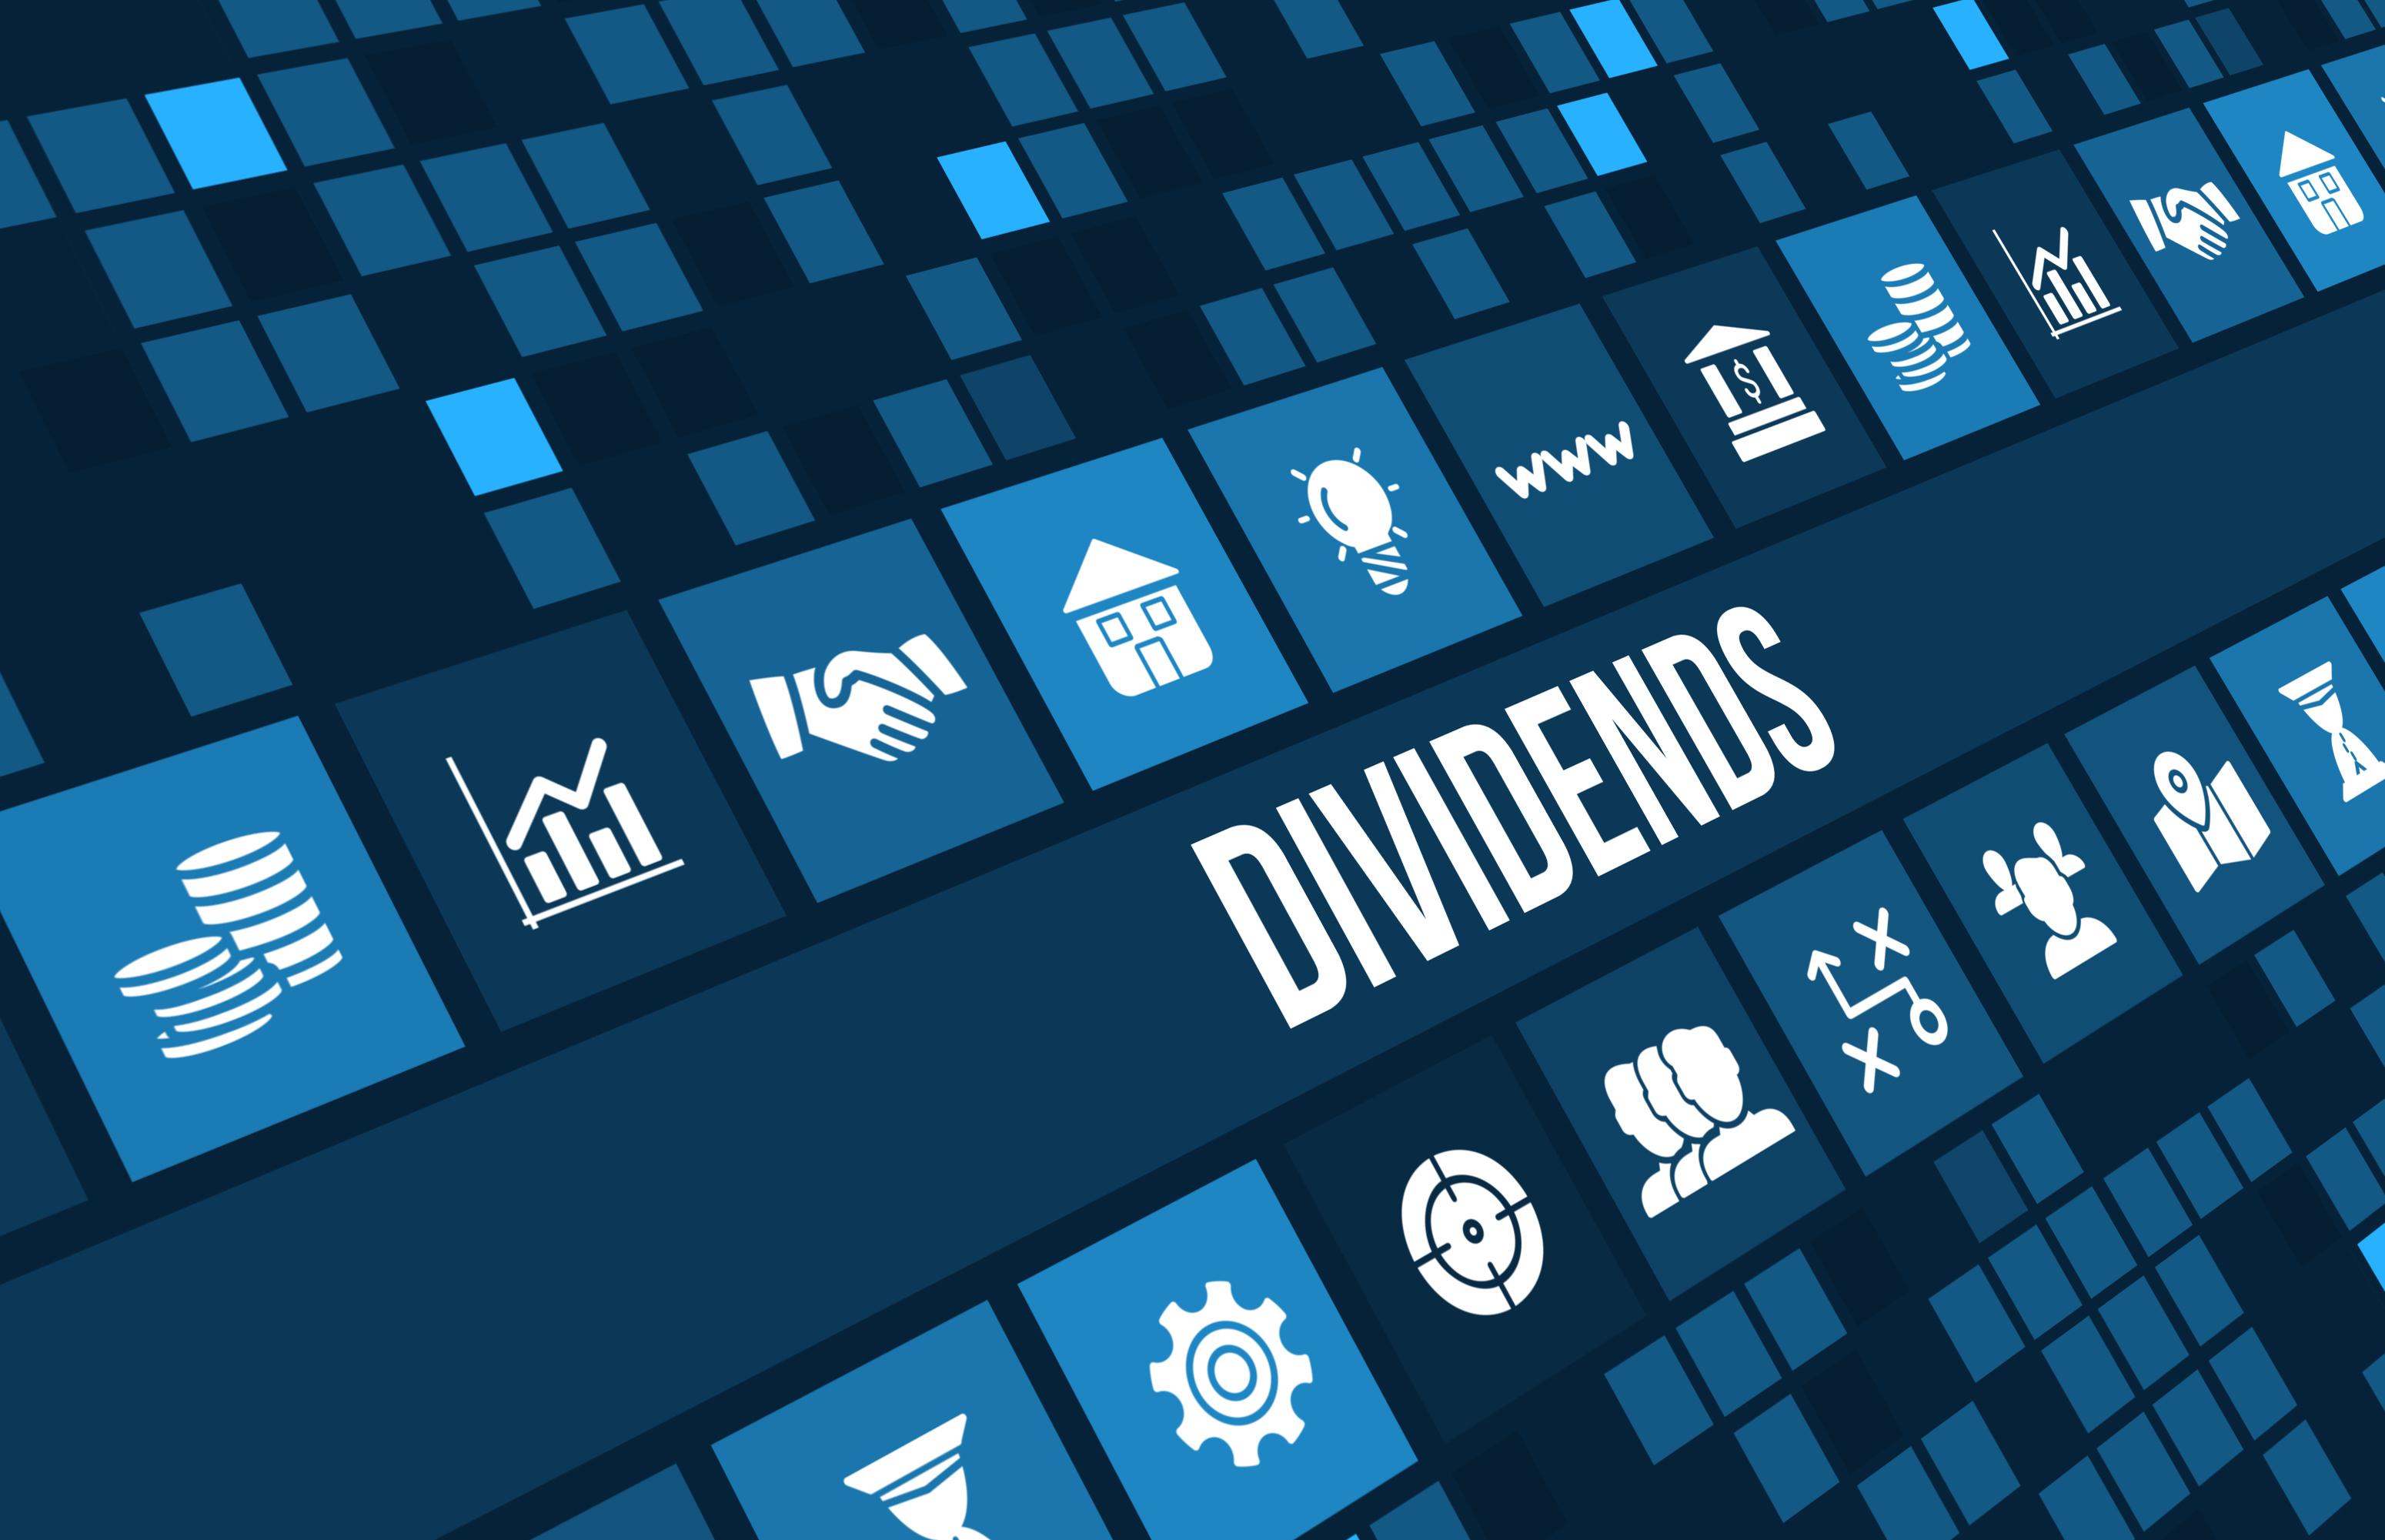 Dividend on blue background.